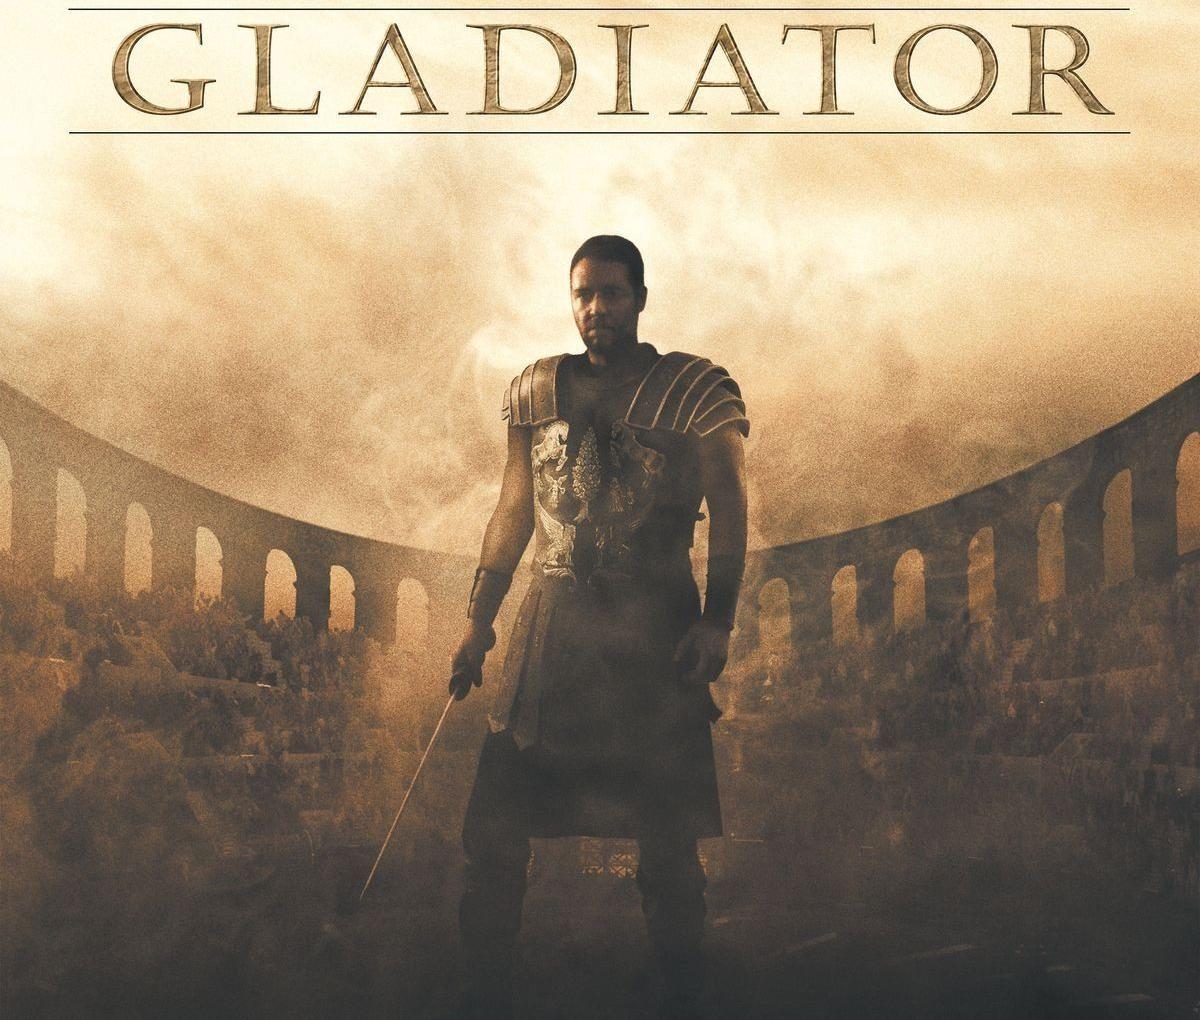 Hommage à Gladiator : retour sur le plus grand péplum de tous lestemps